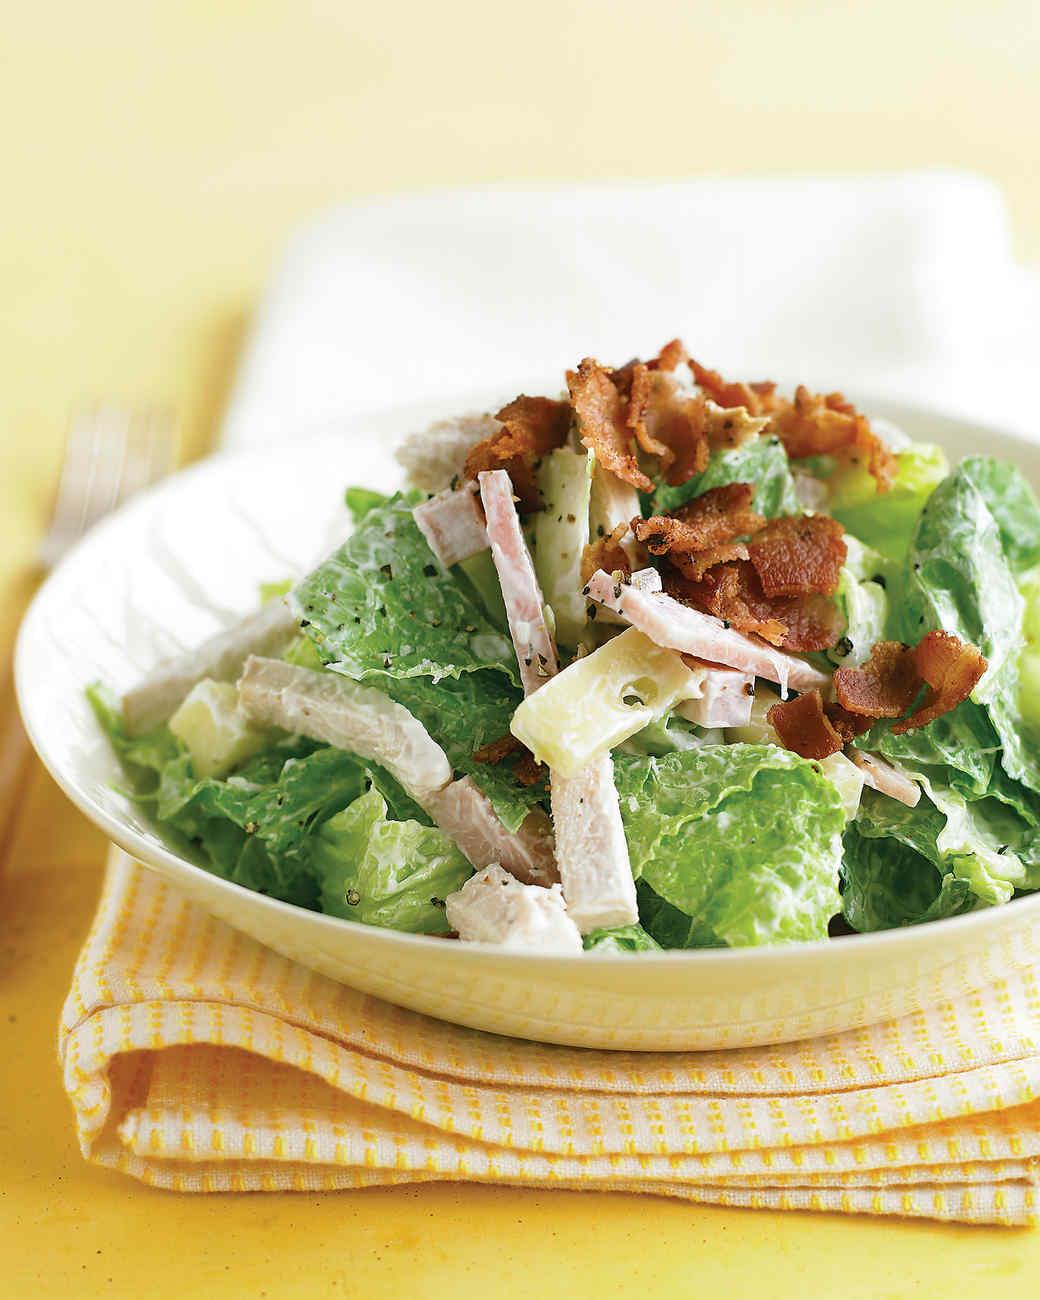 med103097_0907_chef_salad.jpg